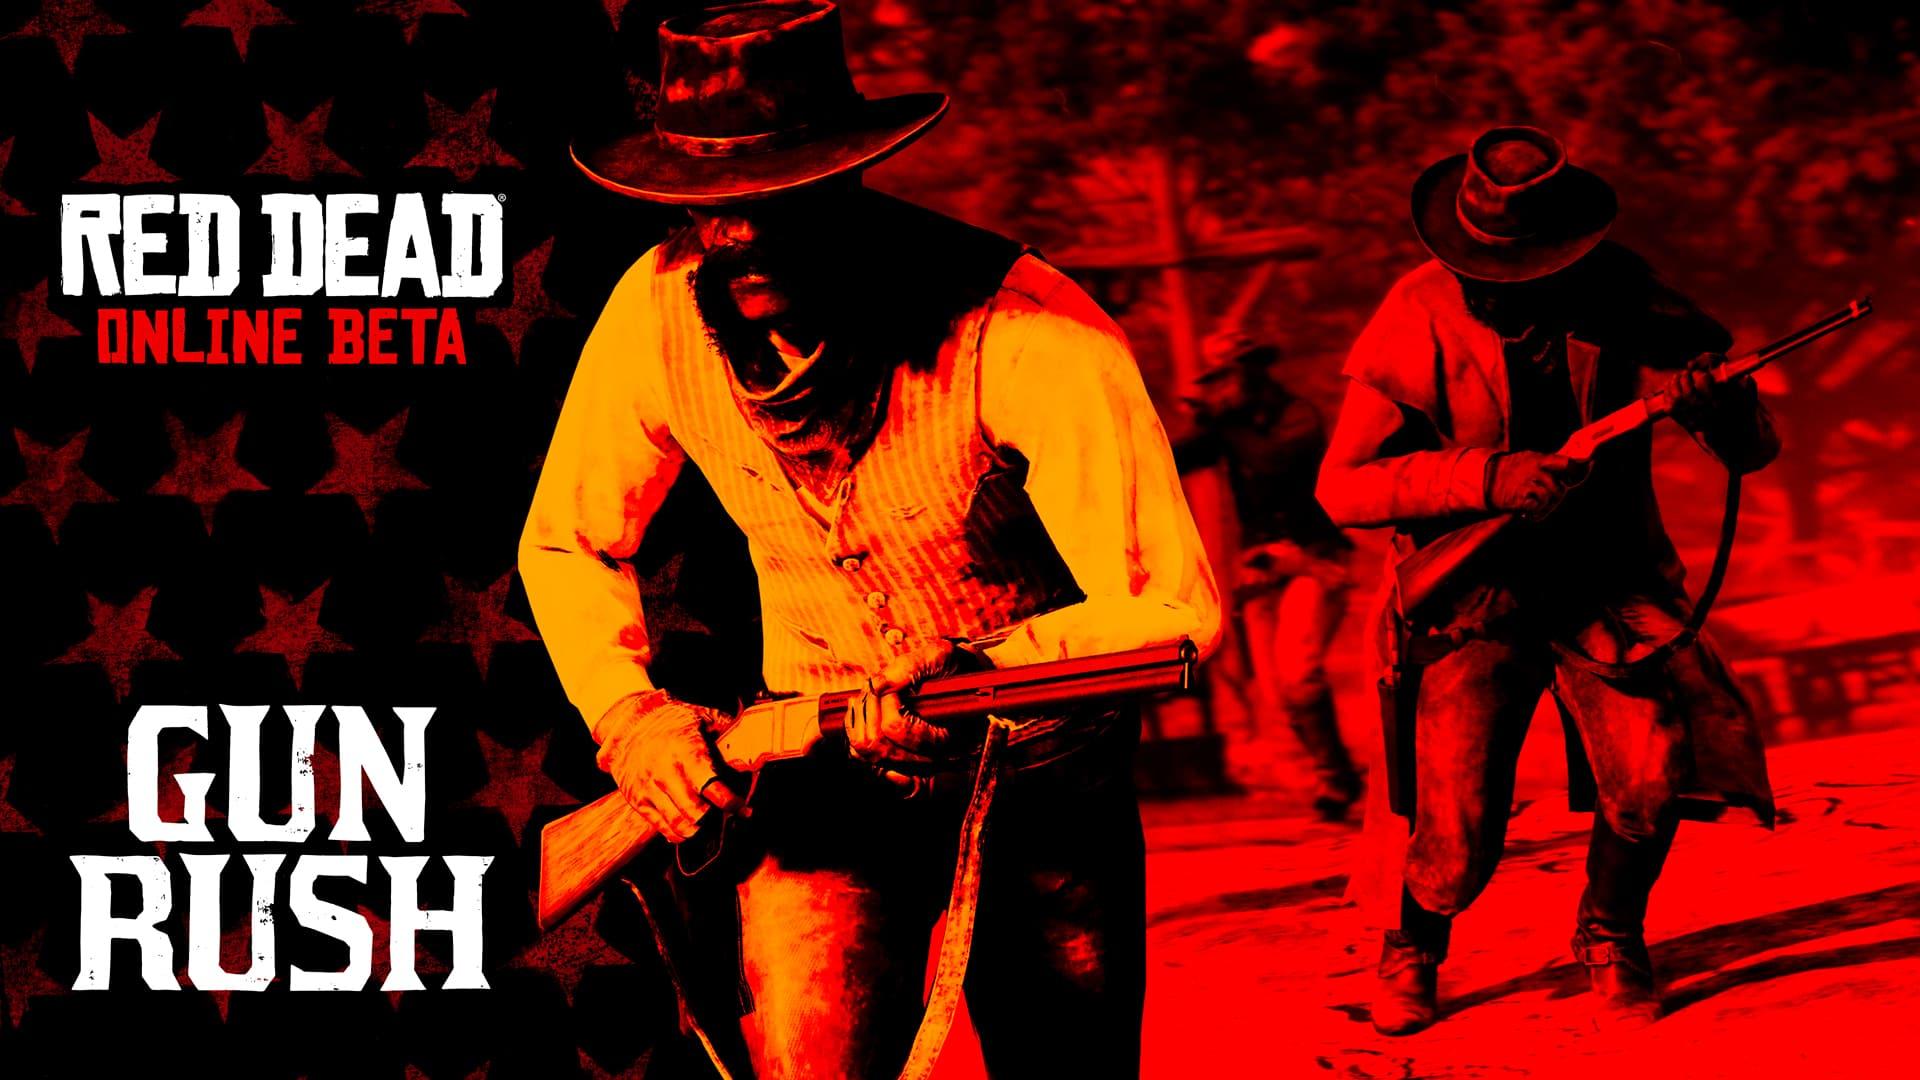 Red Dead Online recibe Gun Rush, su modo Battle Royale 2